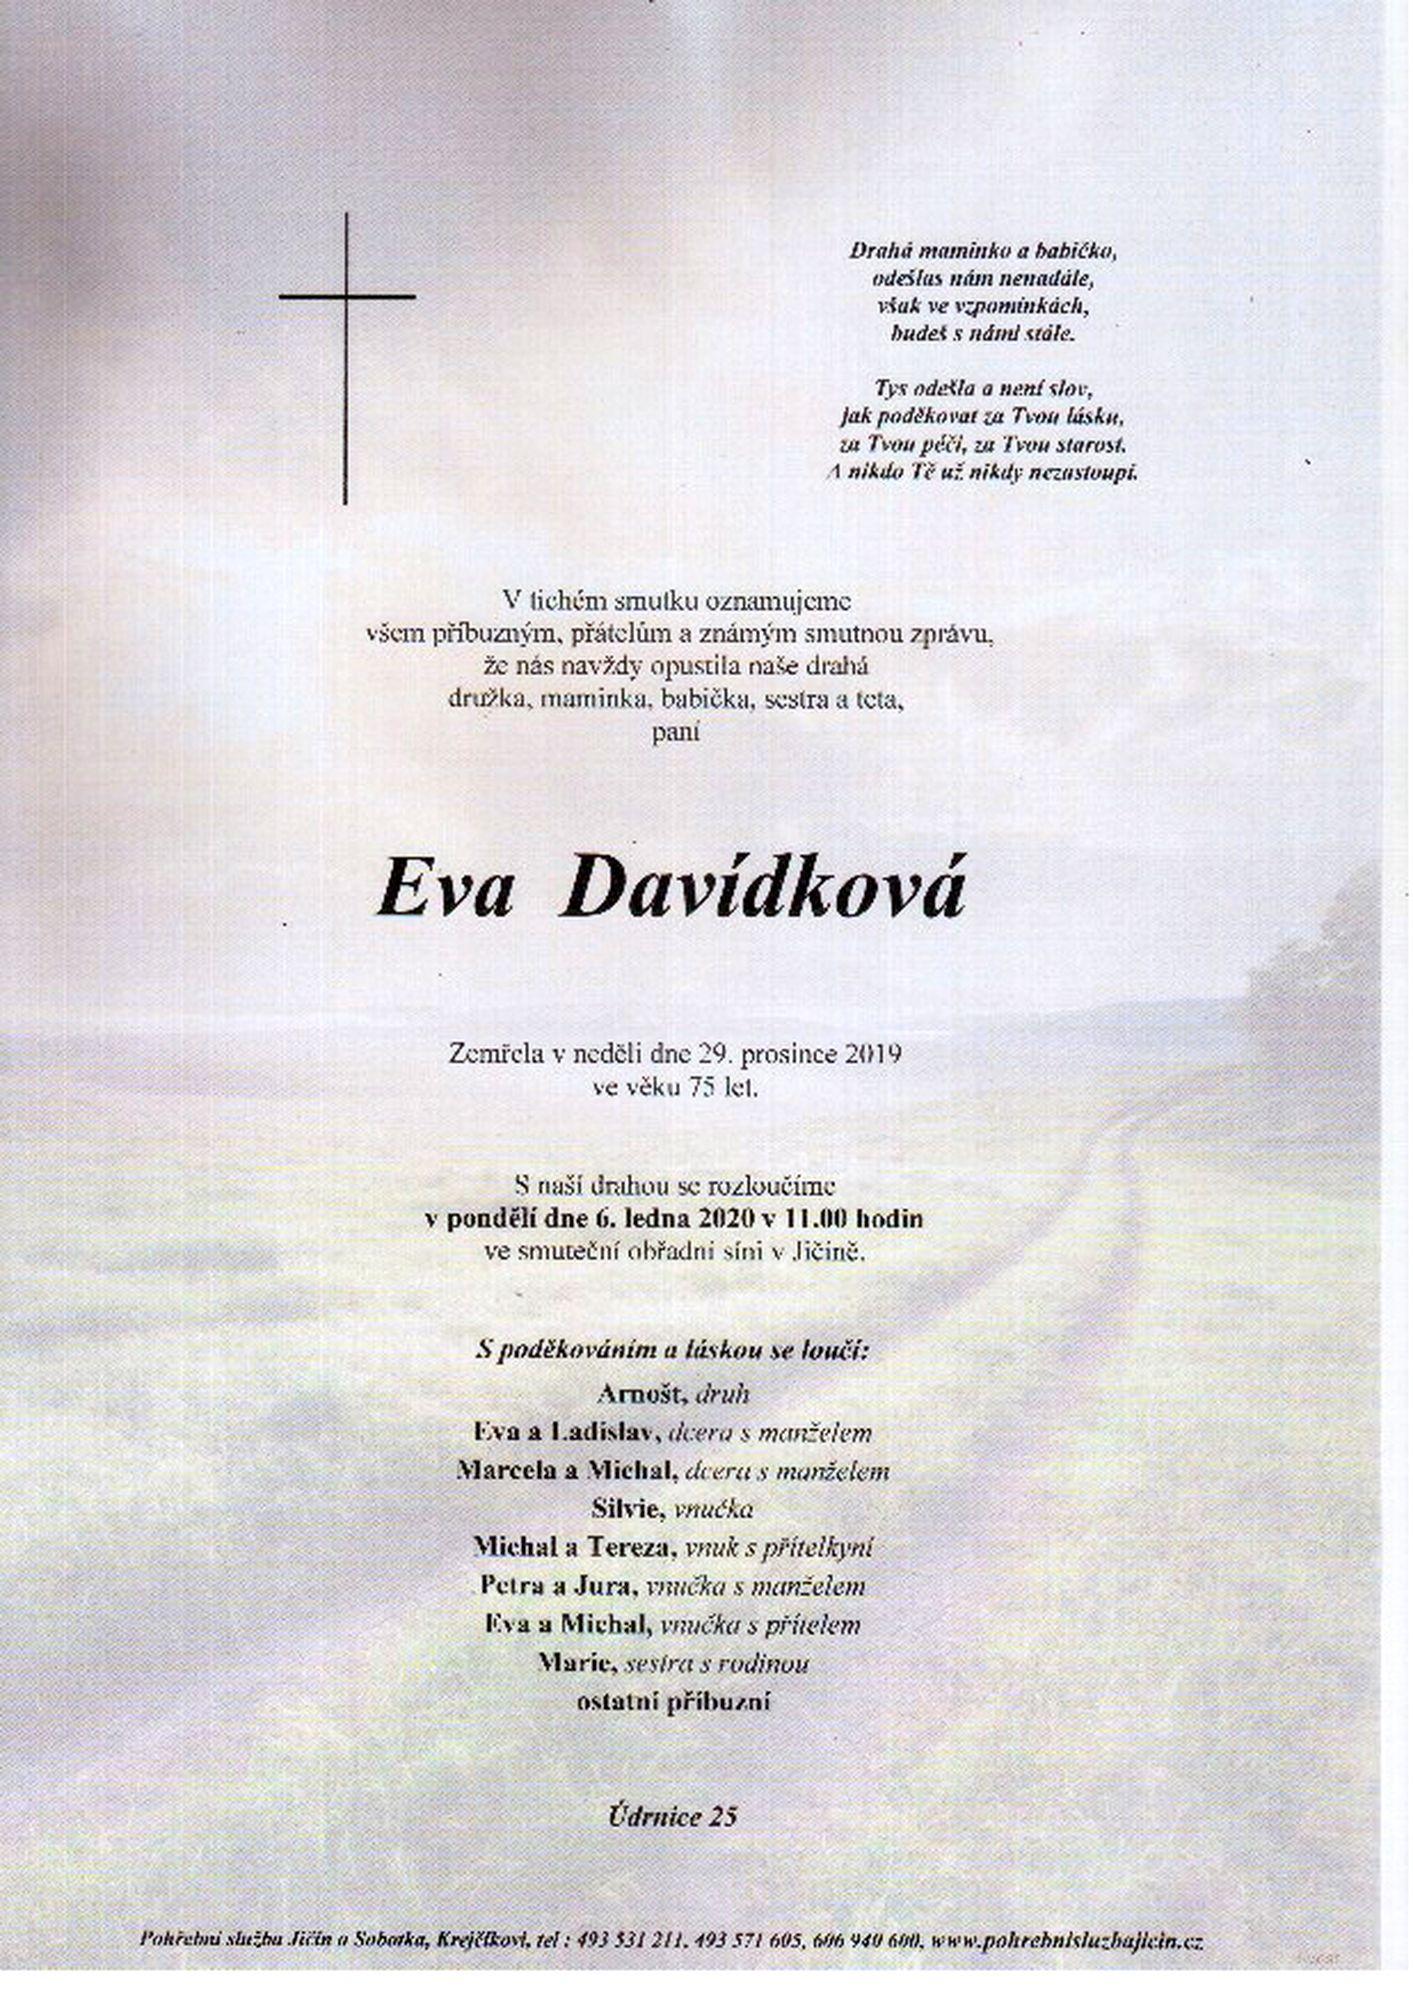 Eva Davídková